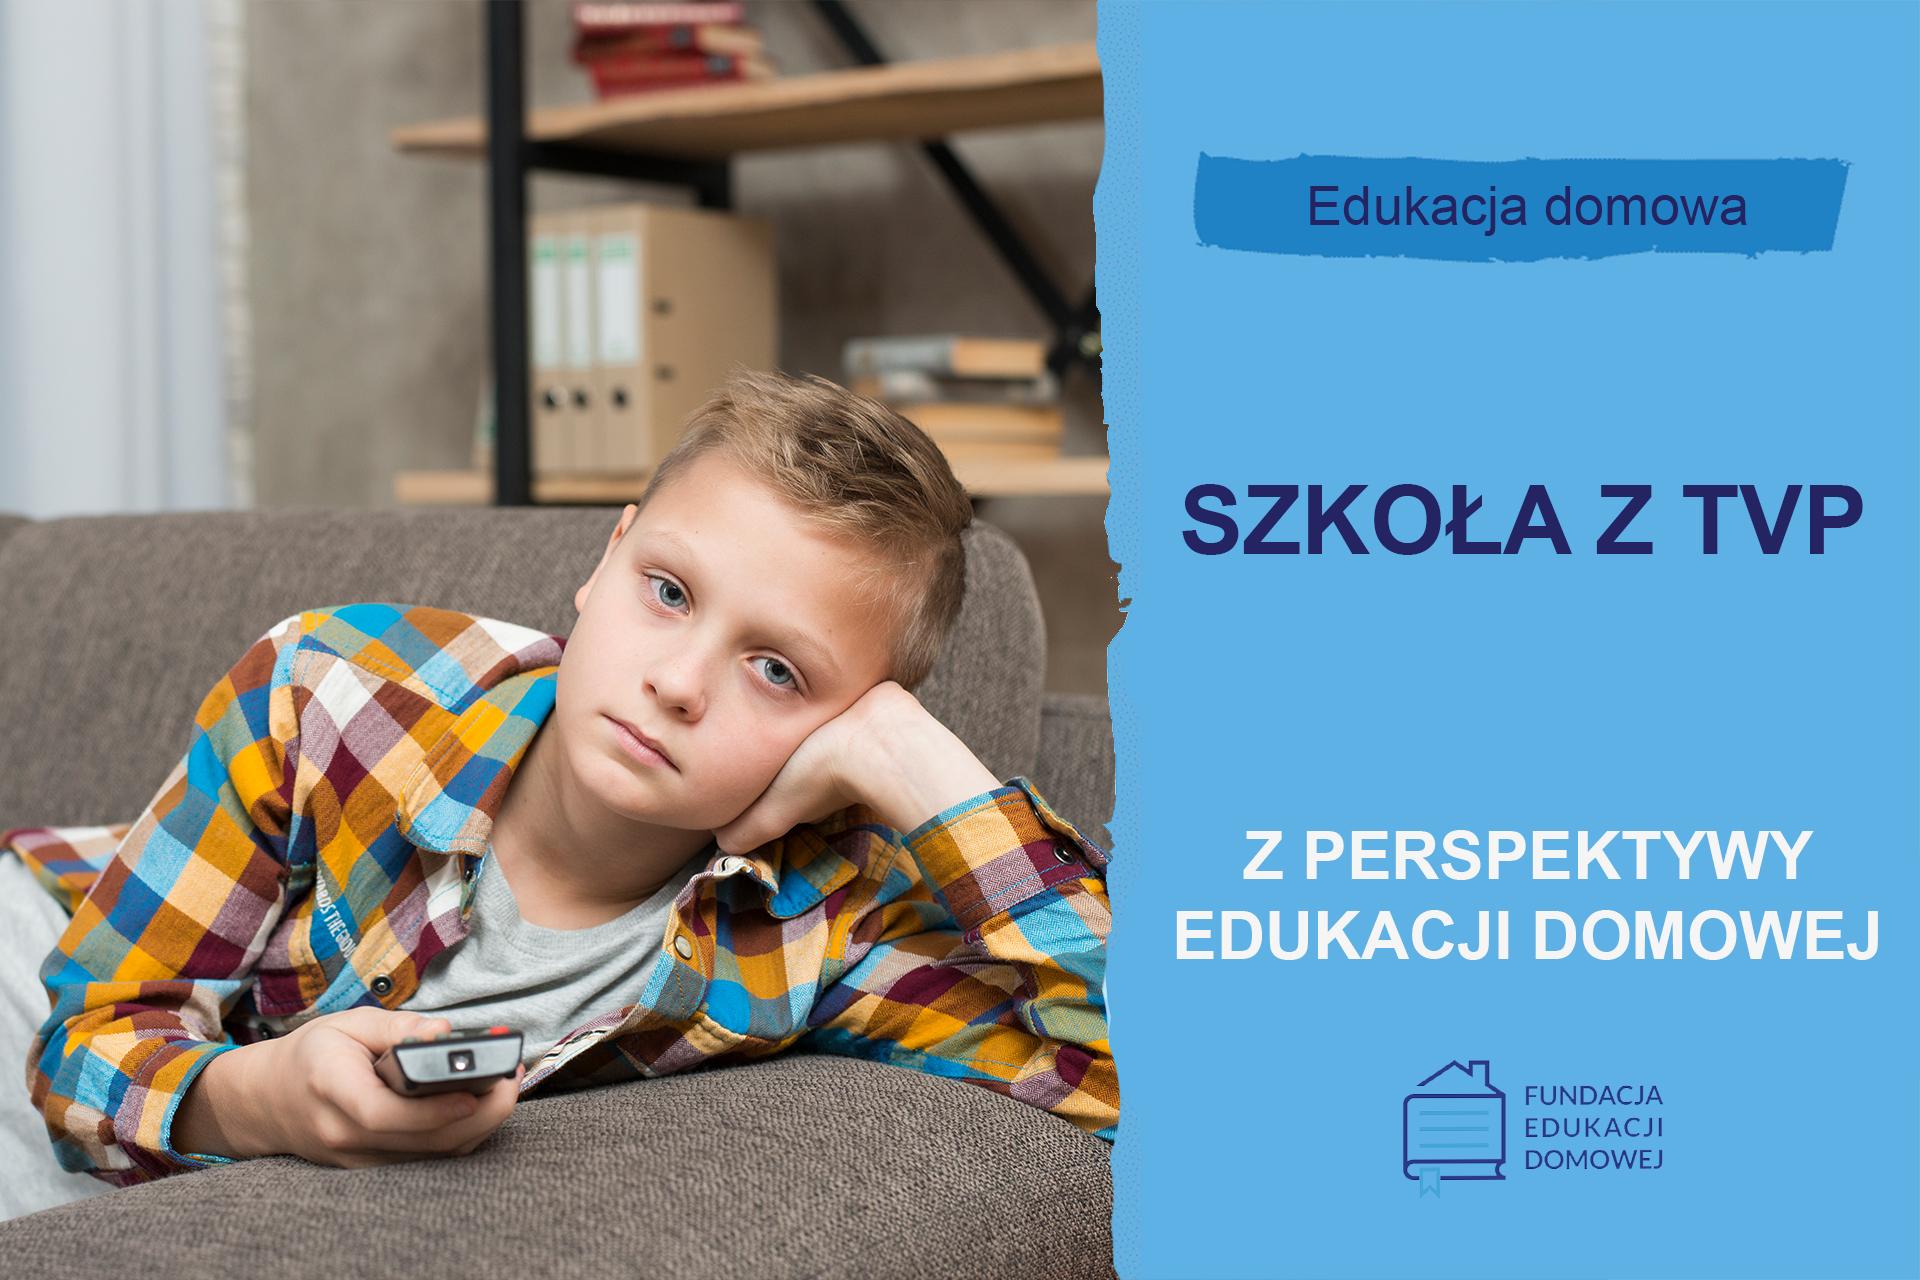 """""""Szkoła z TVP"""" z perspektywy edukacji domowej"""